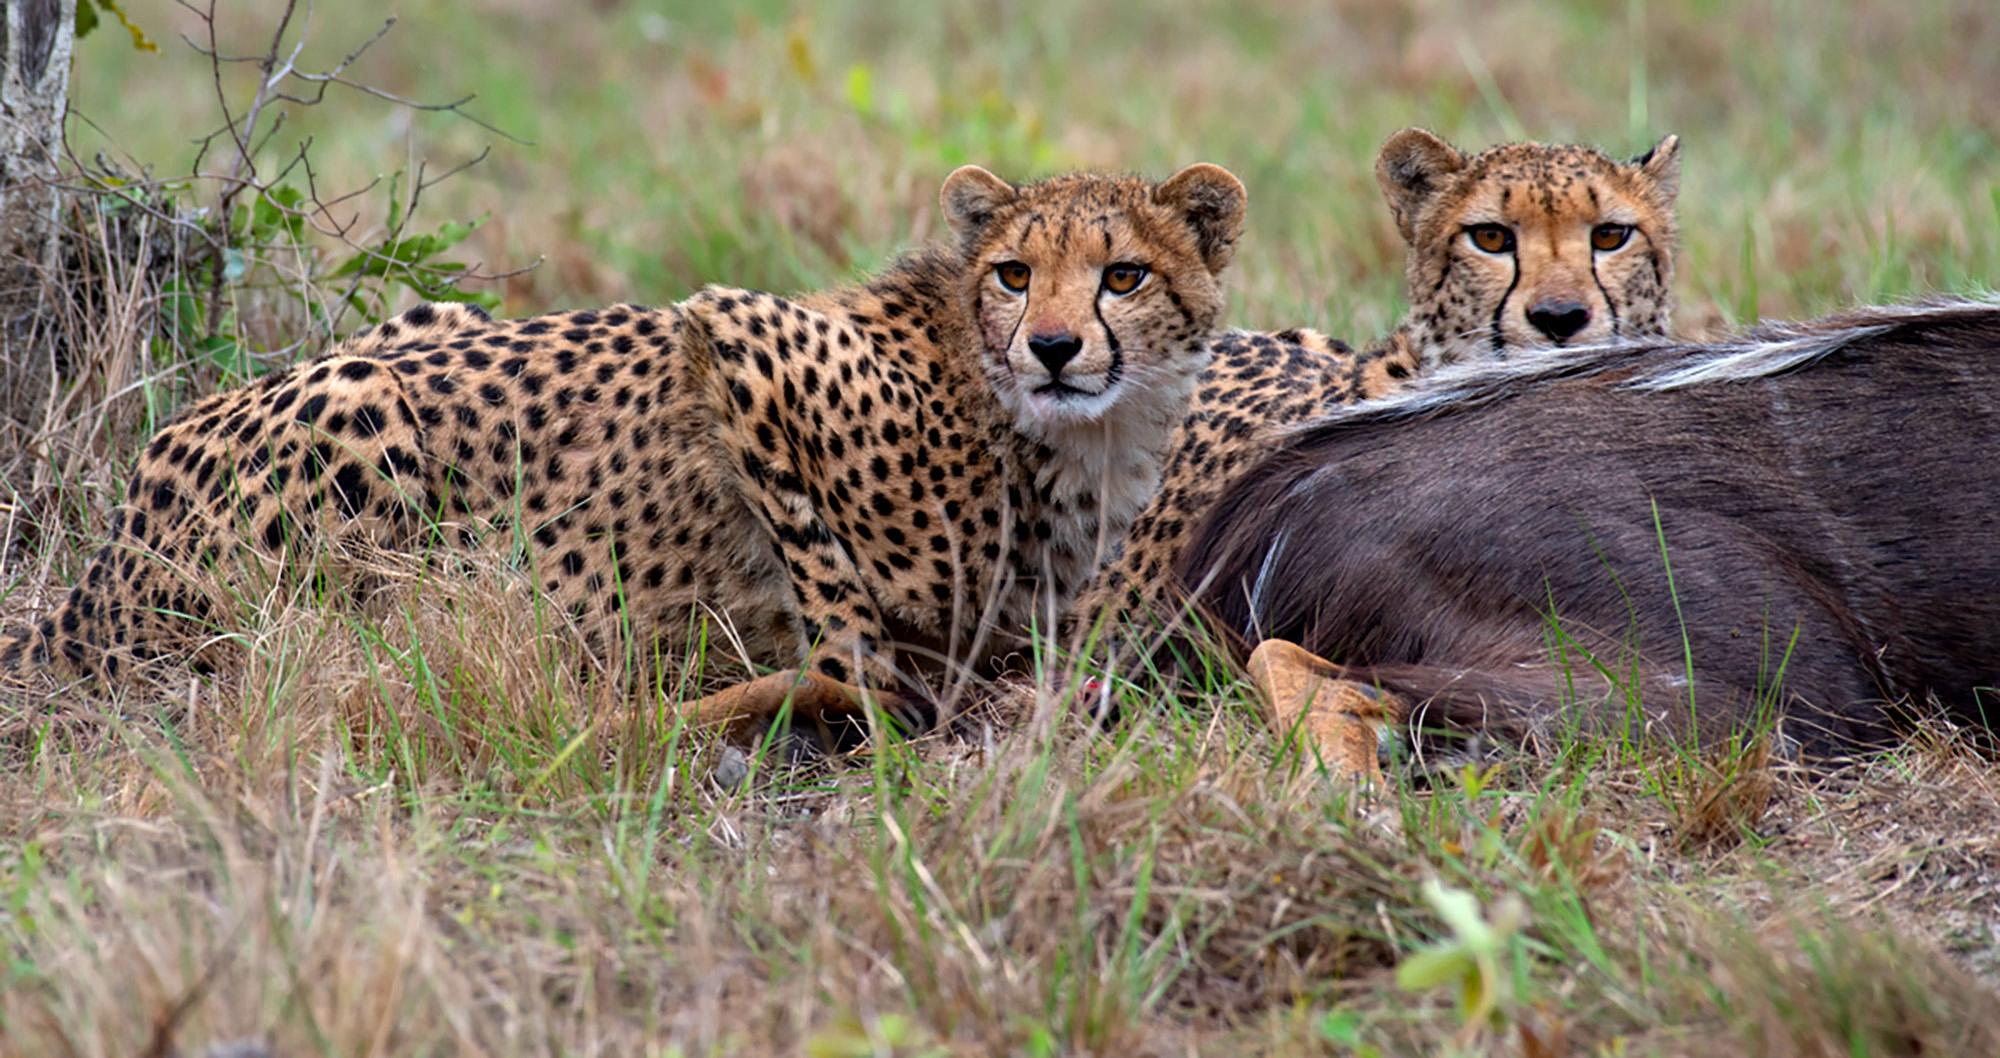 cheetahs feed